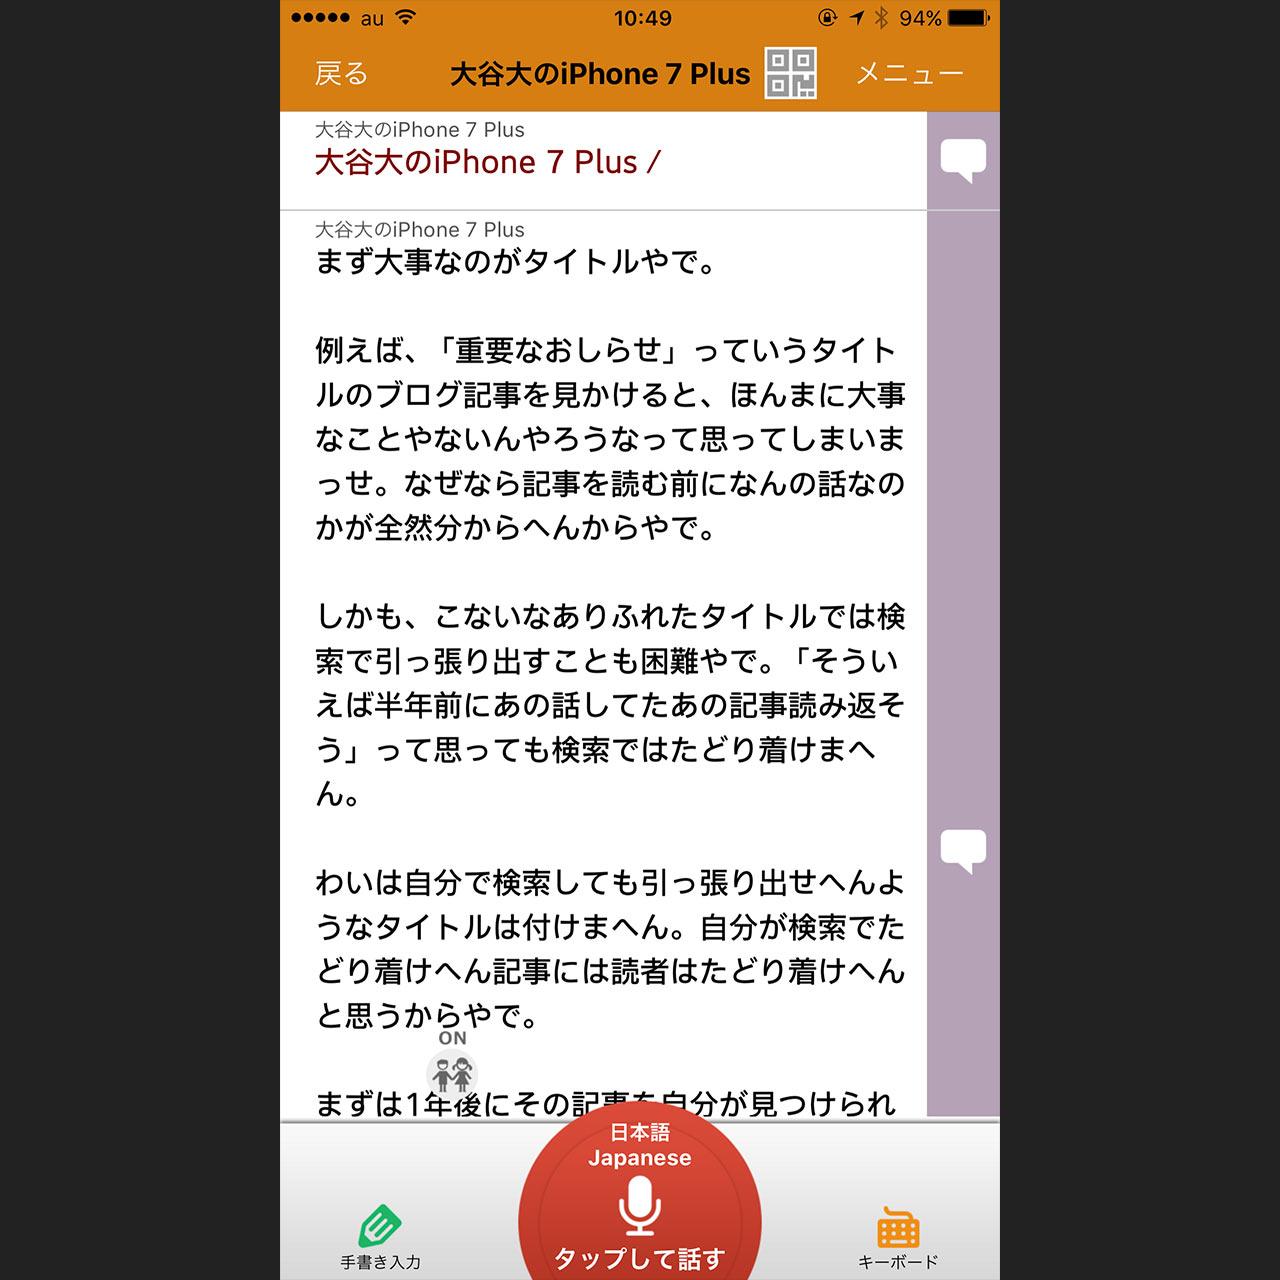 UDトークで大阪弁を表示04